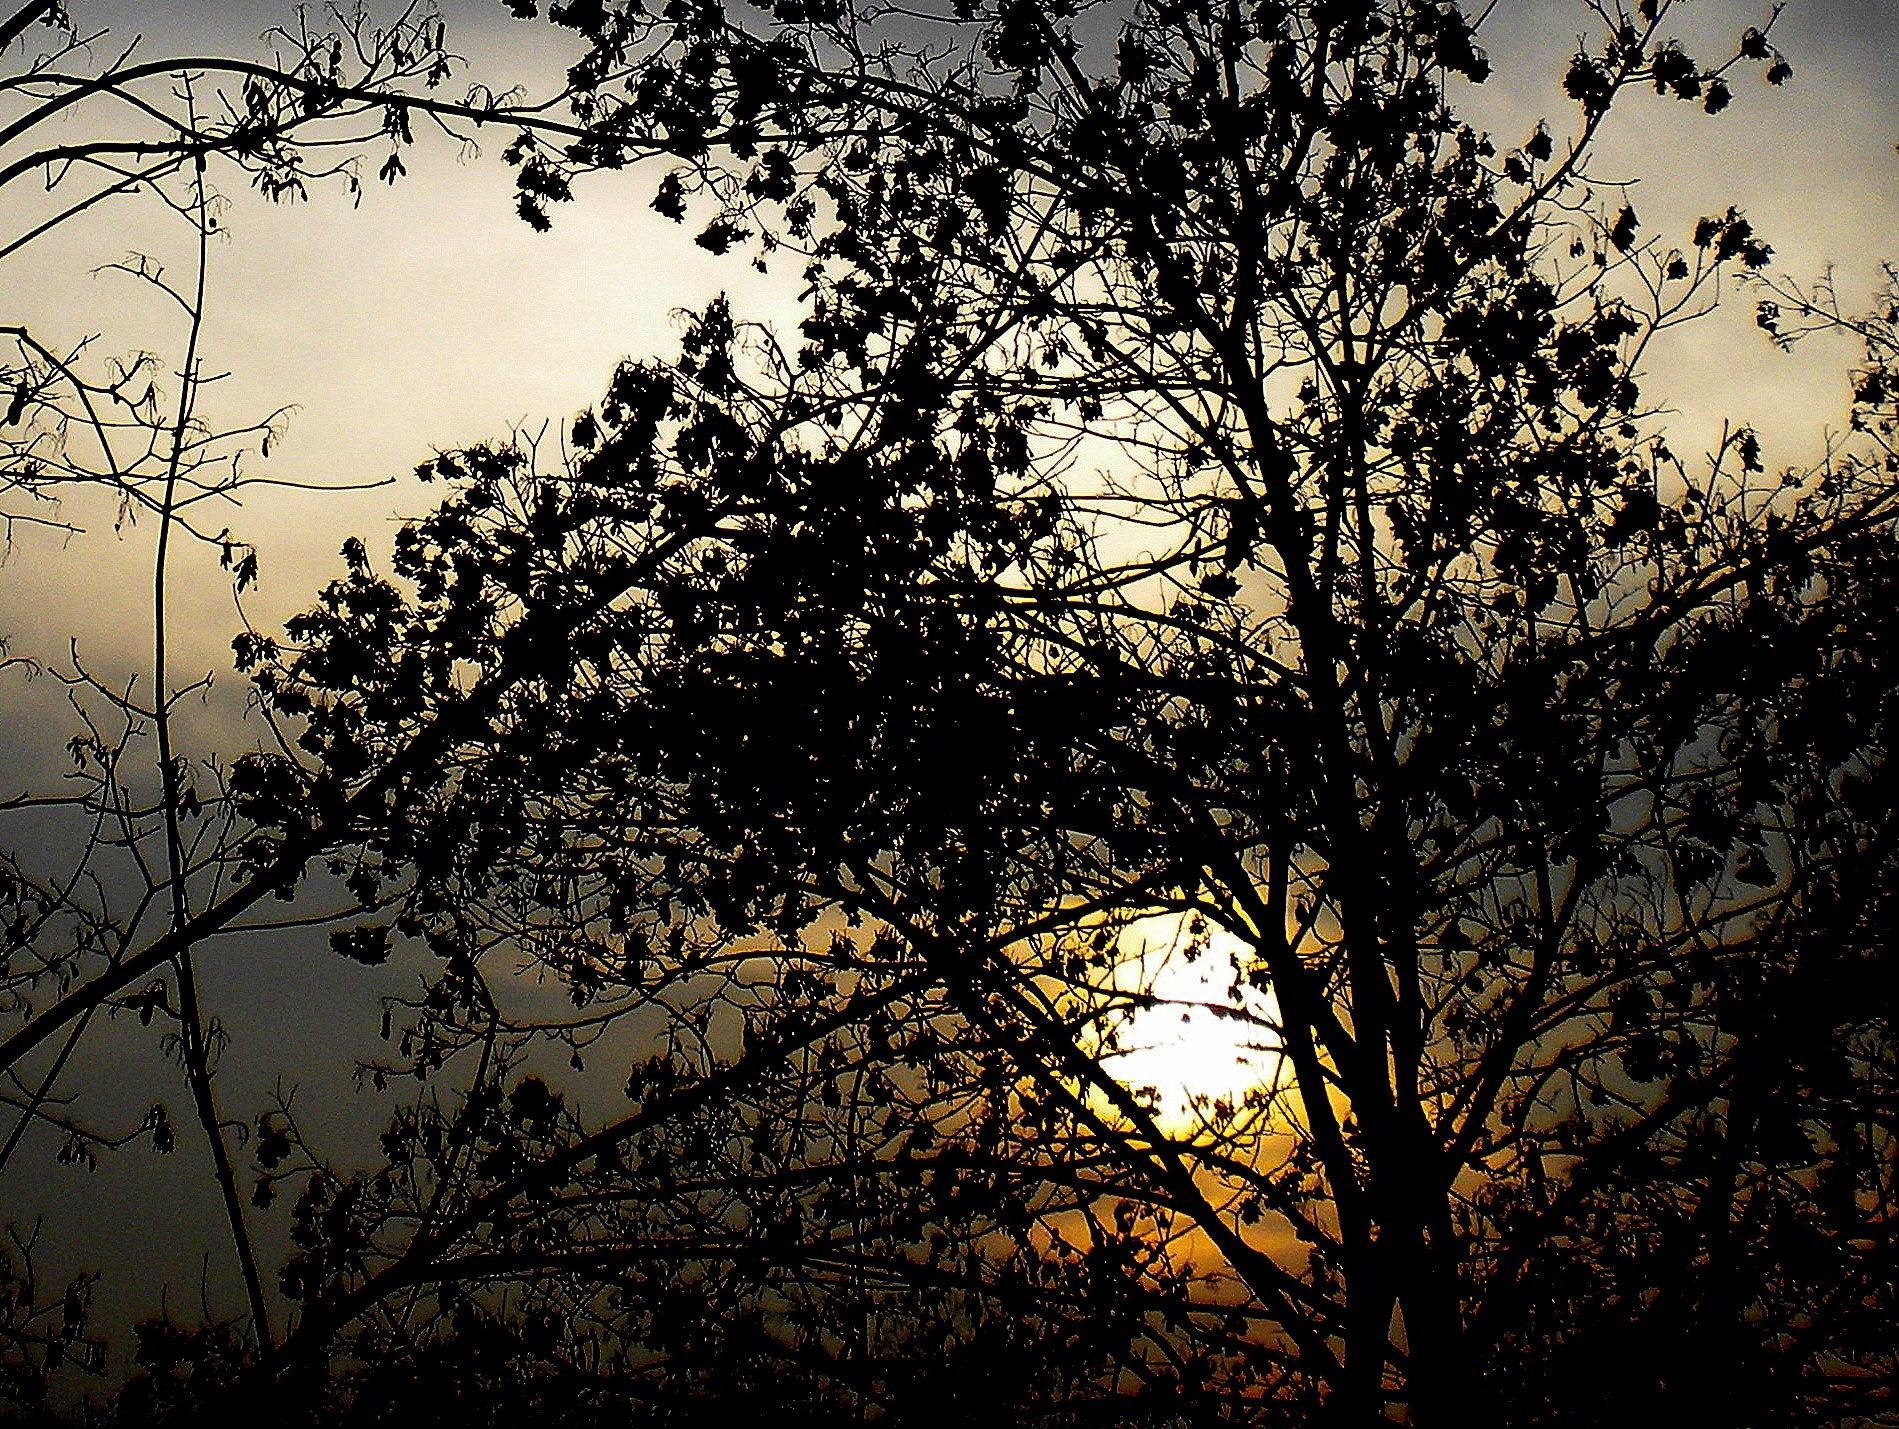 Sunrise by zvnktomasevic